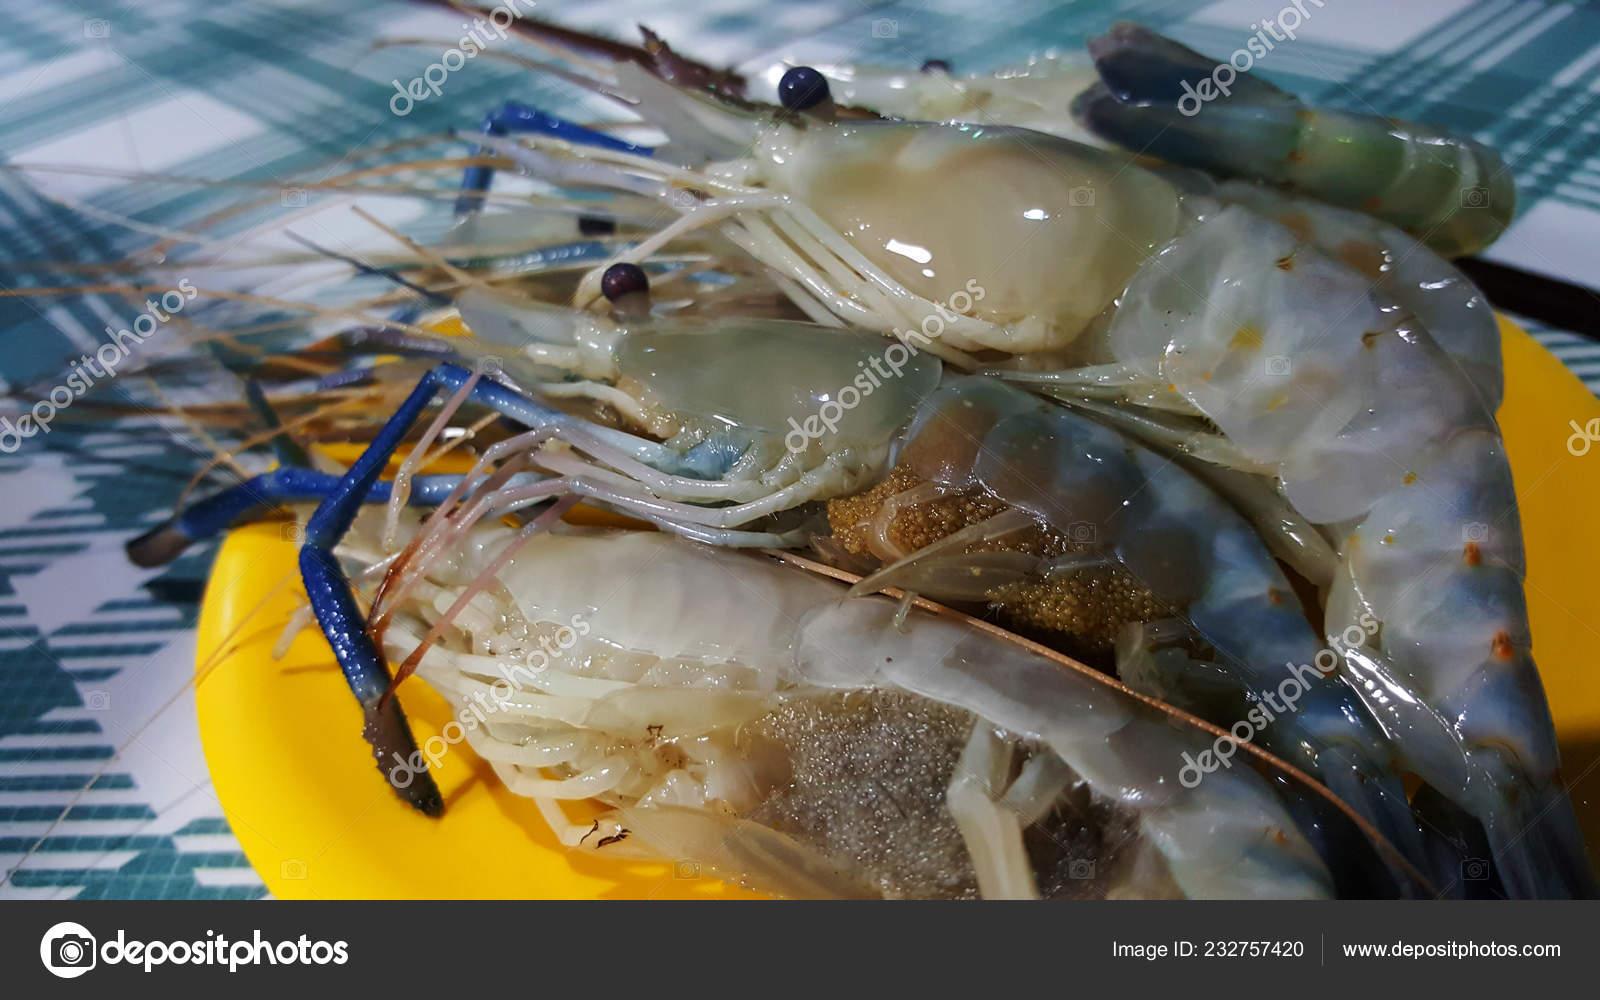 Giant River Prawn Giant Freshwater Prawn Shrimp Eggs — Stock